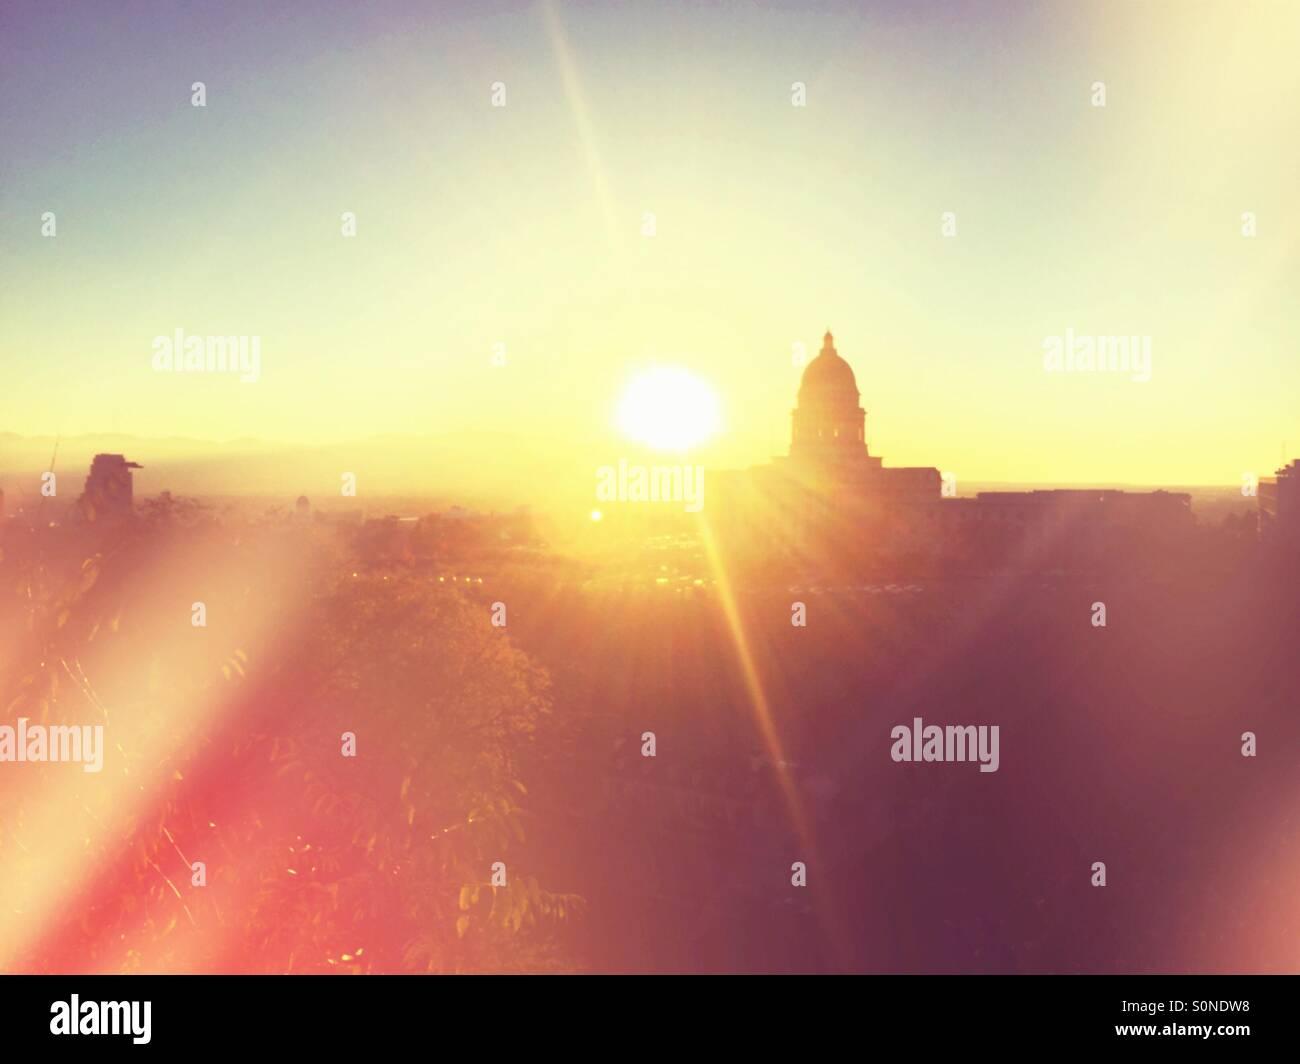 Die Silhouette von der Utah State Capitol Building bei Sonnenuntergang. Stockbild